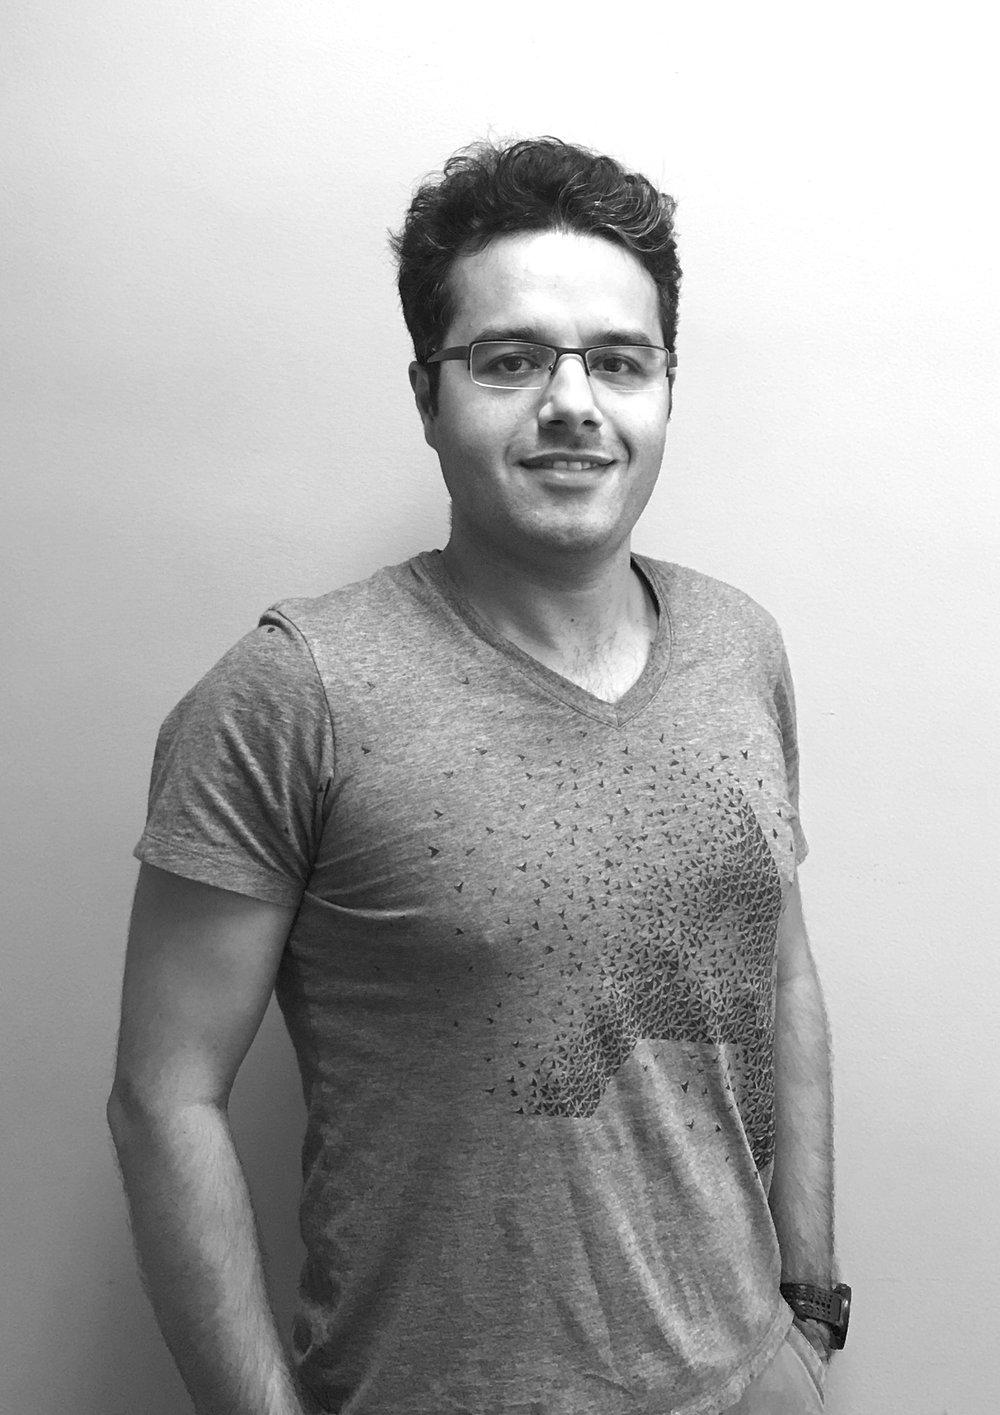 Hamed Karimi